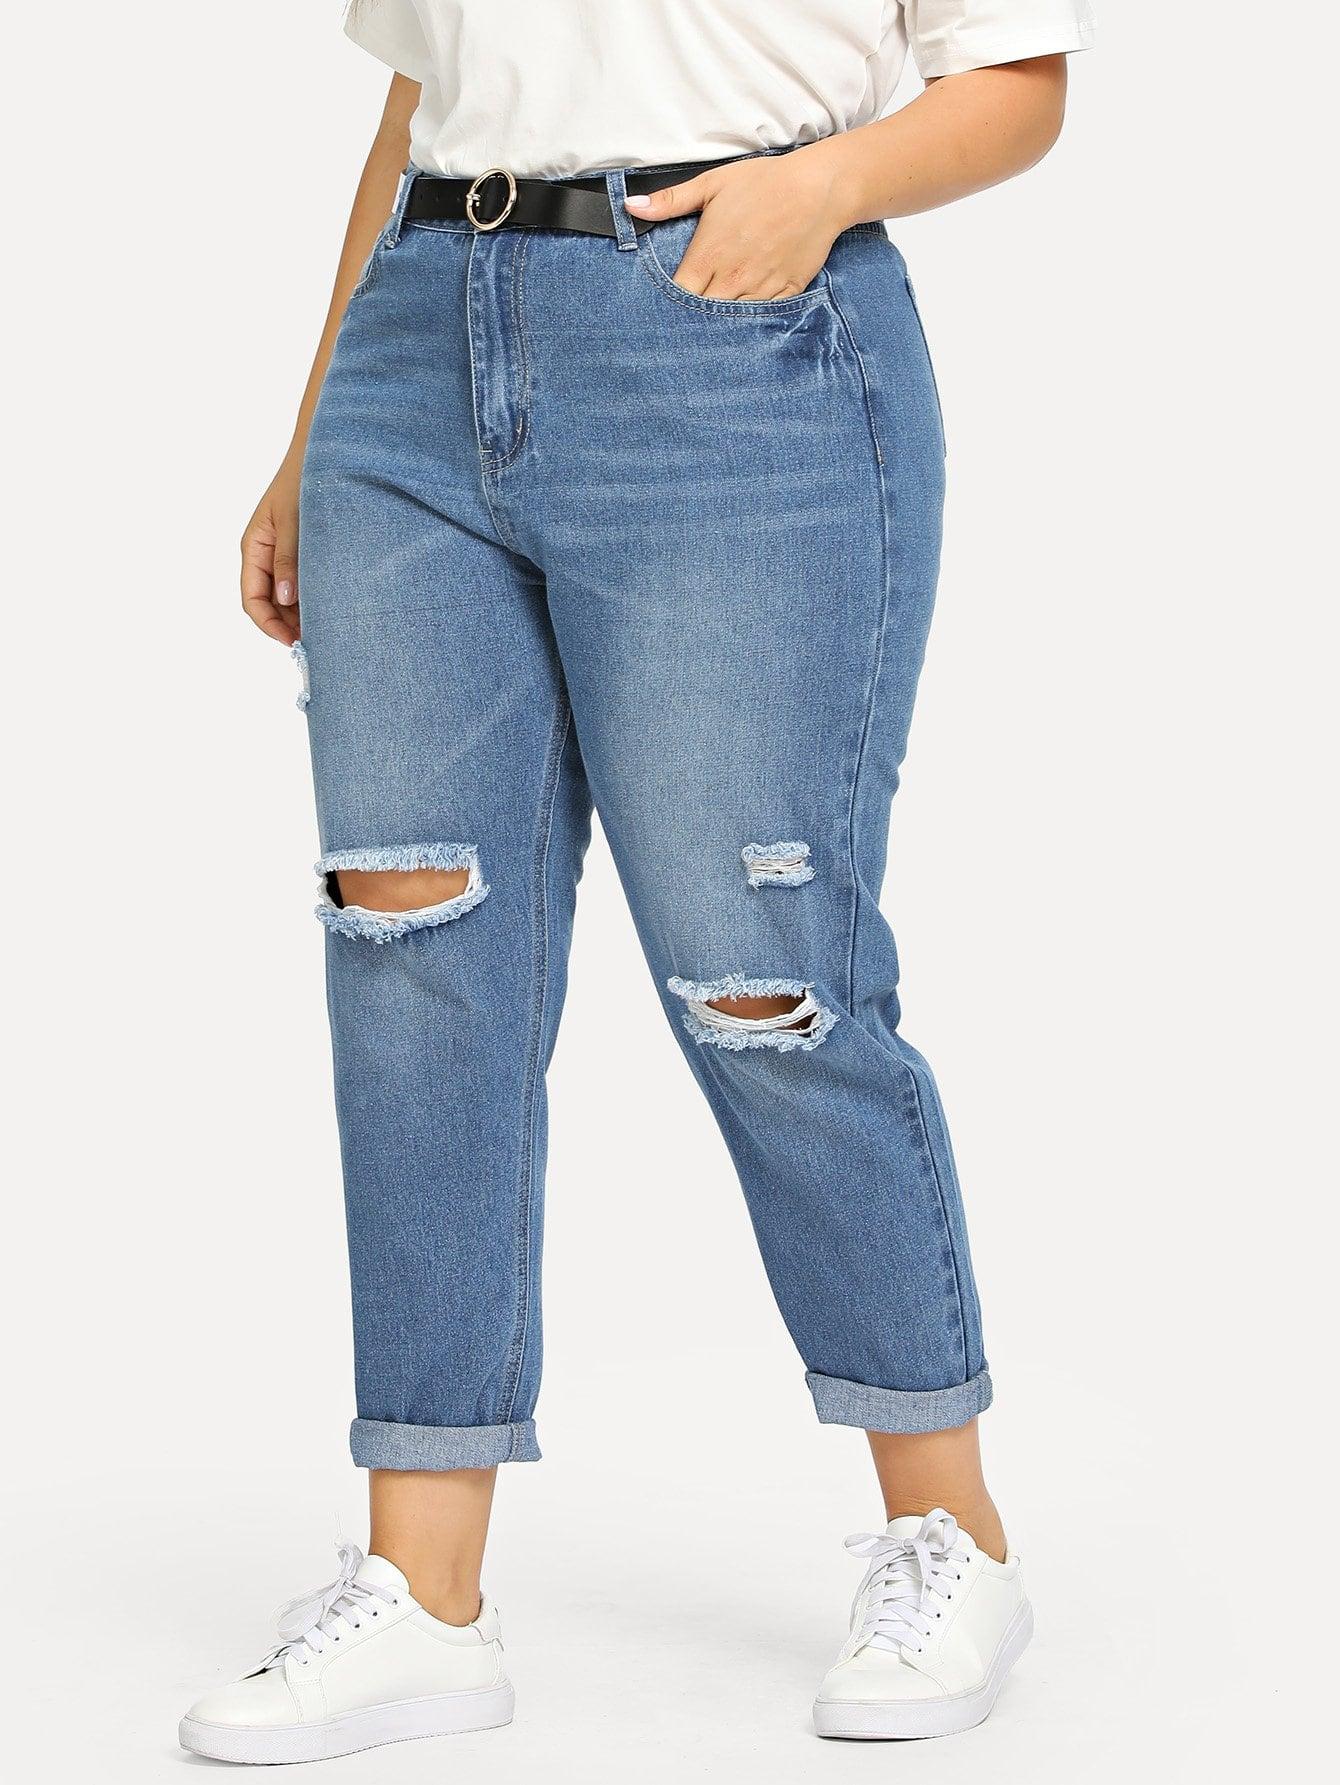 Купить Большие рваные джинсы и рольный подол, Franziska, SheIn